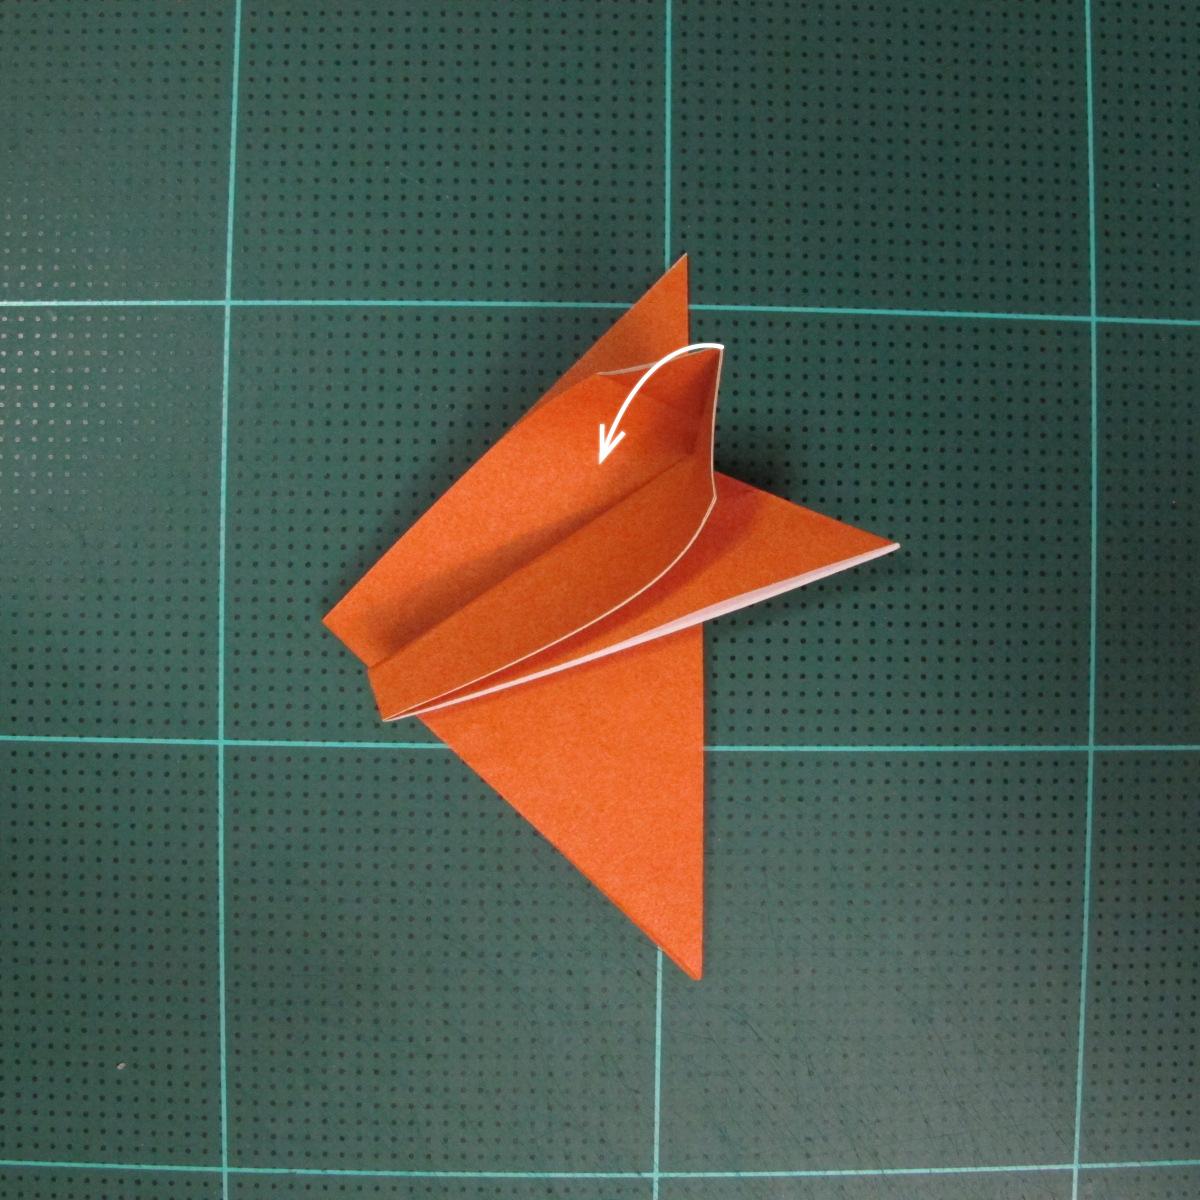 วิธีพับกระดาษเป็นสุนัขจิ้งจิกแบบง่าย (Simple Origami Fox) 005